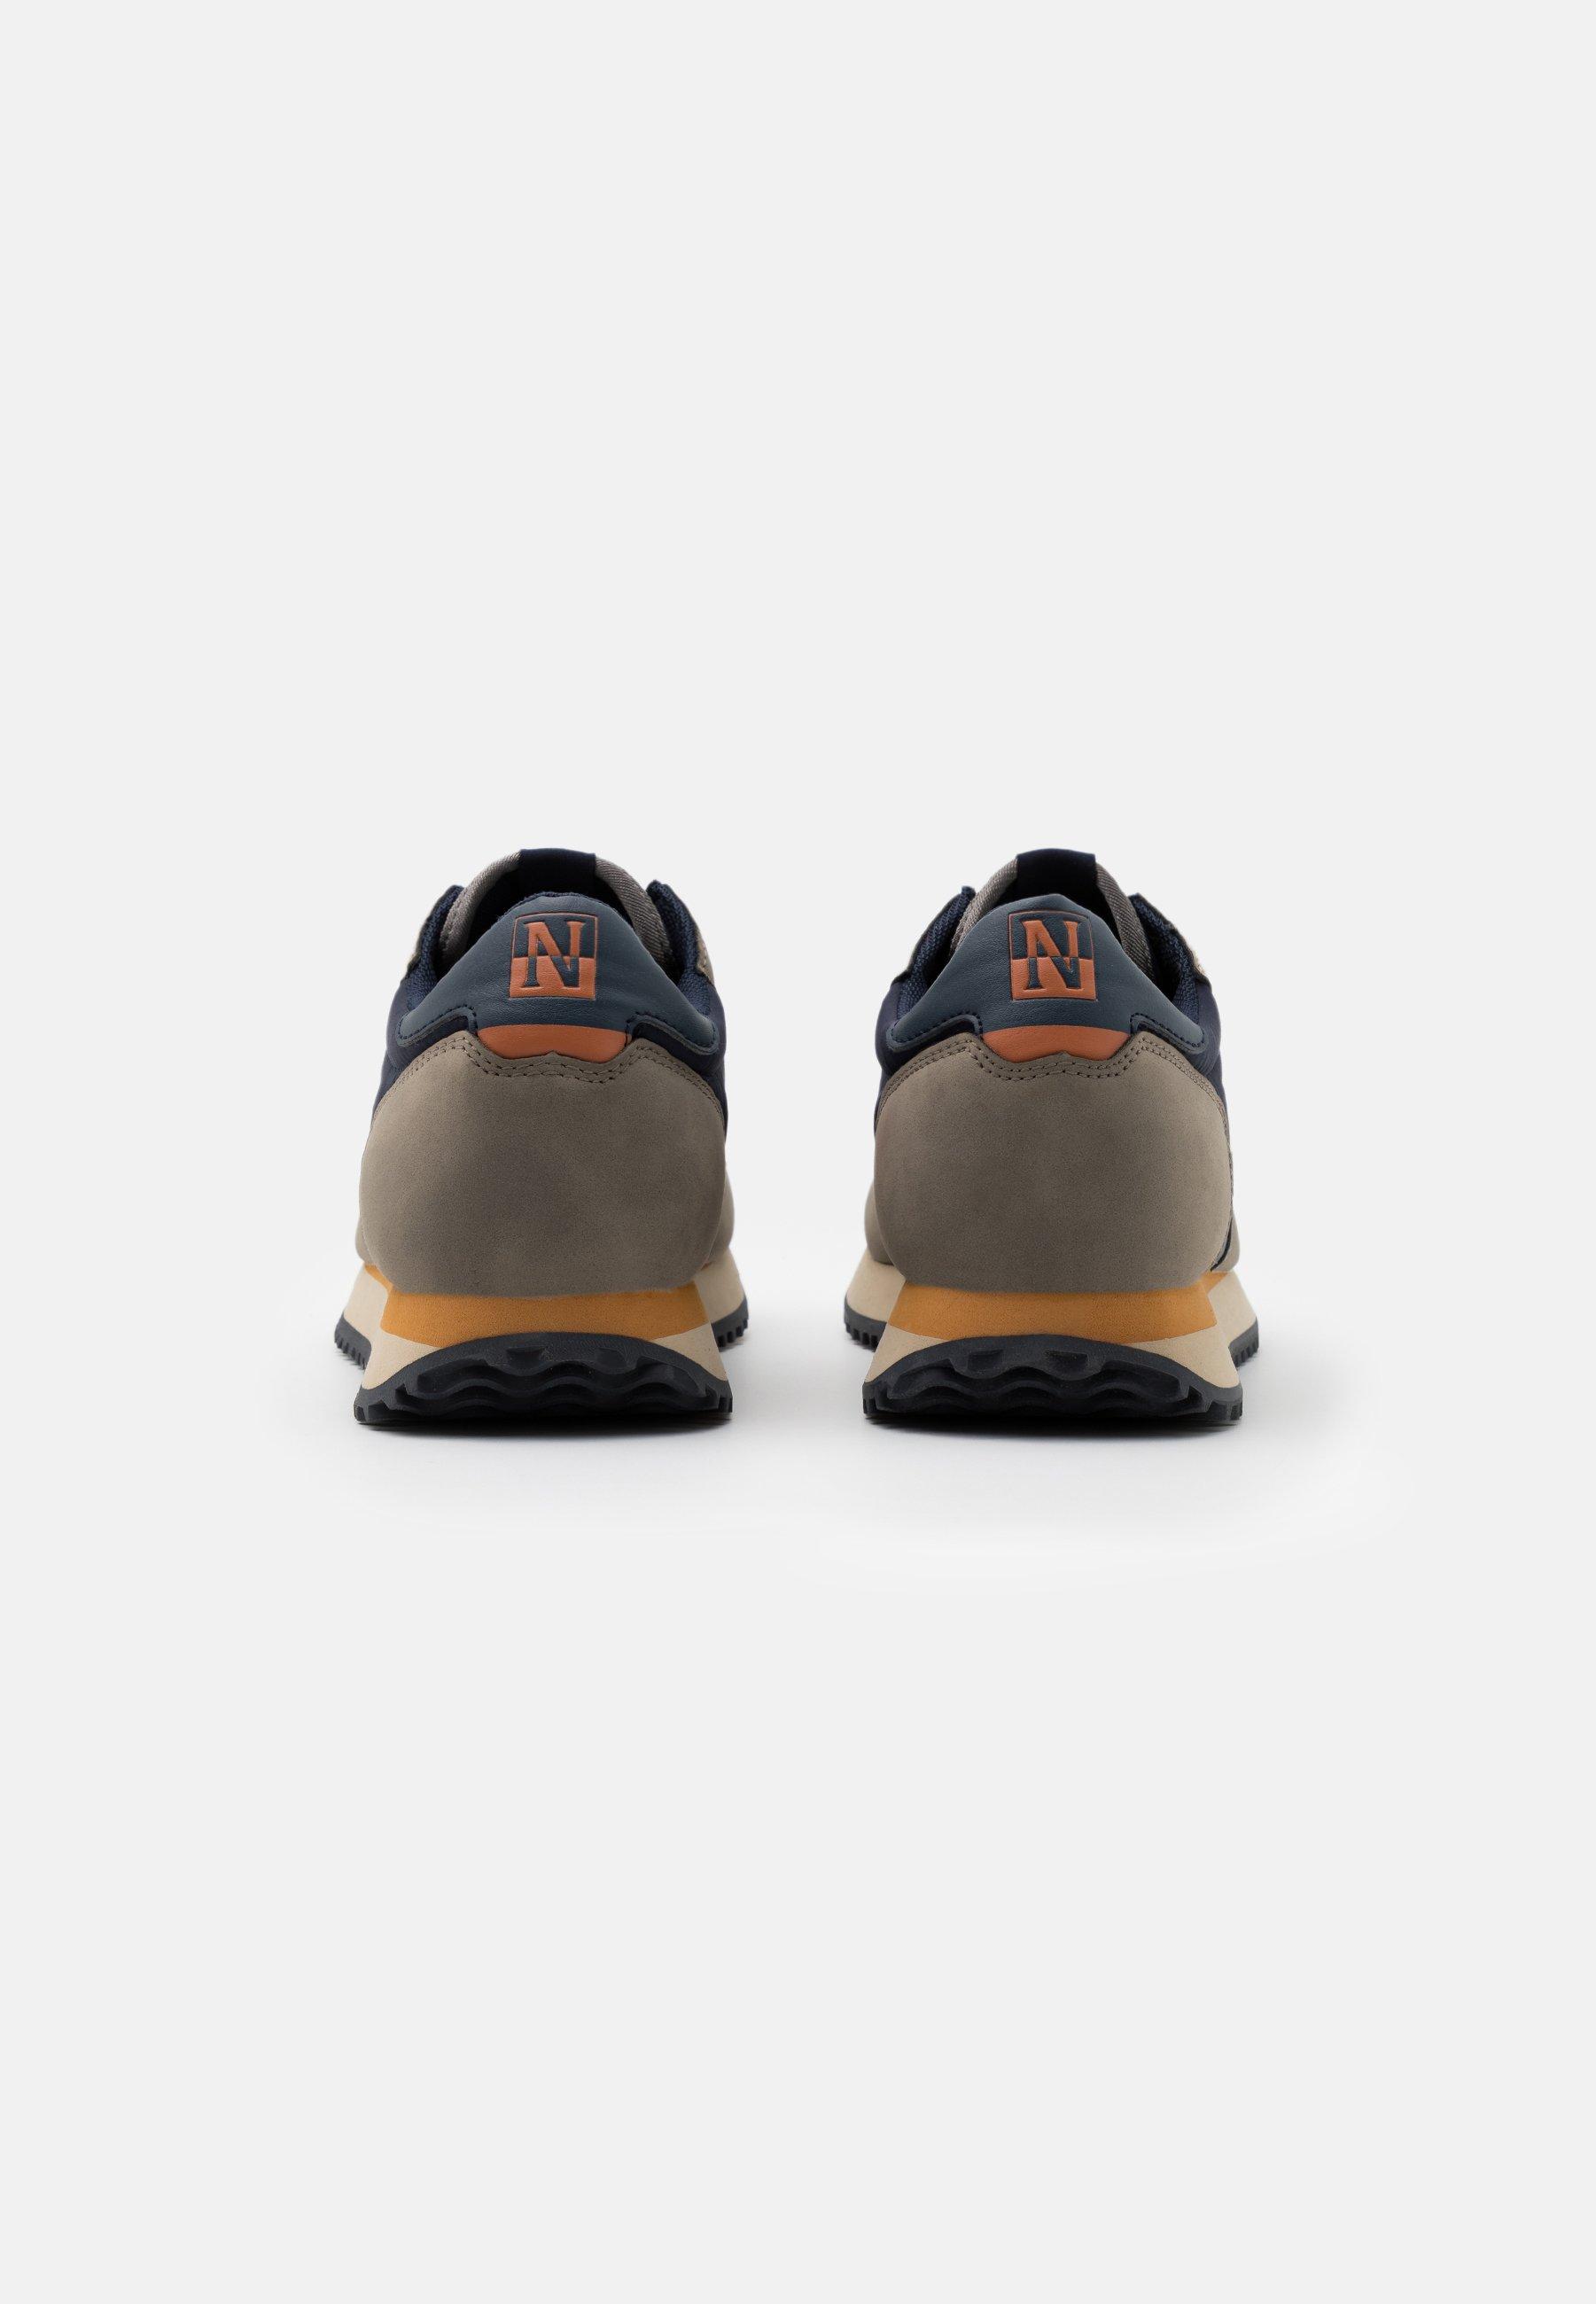 Napapijri Sneaker low - taupe - Herrenschuhe MHT50